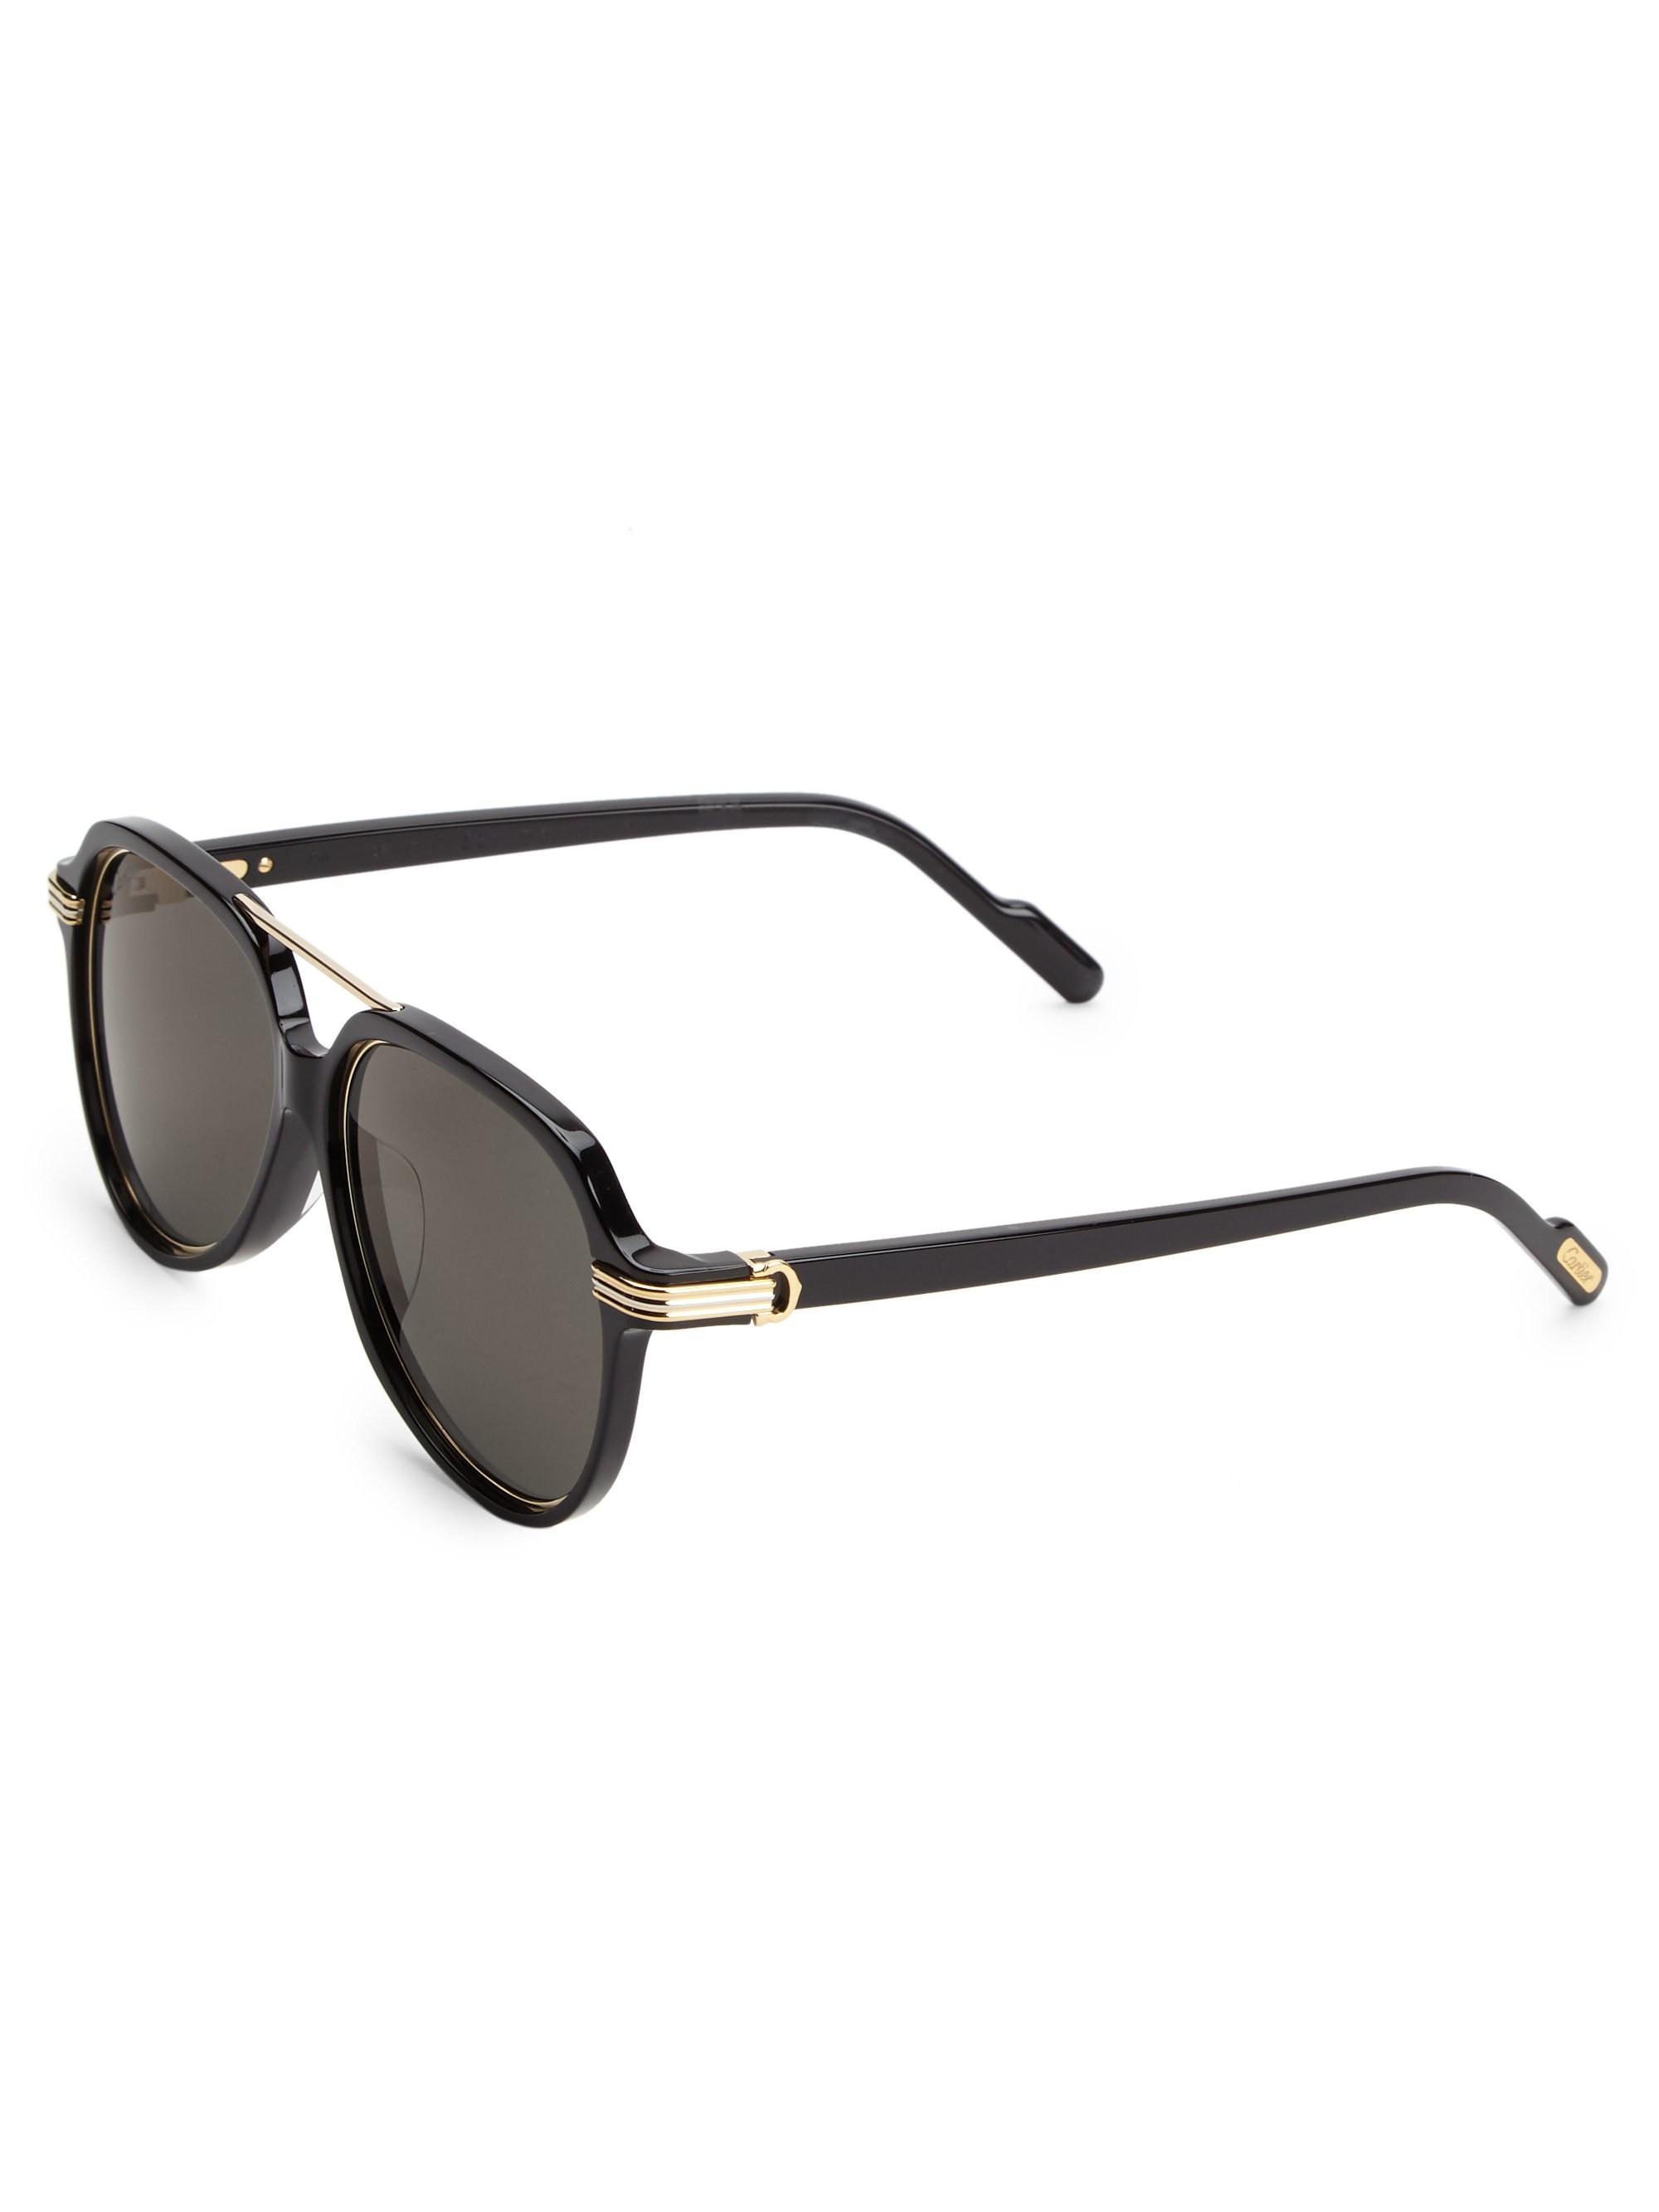 f38763e1d5071 Lyst - Cartier 57mm Aviator Sunglasses in Black